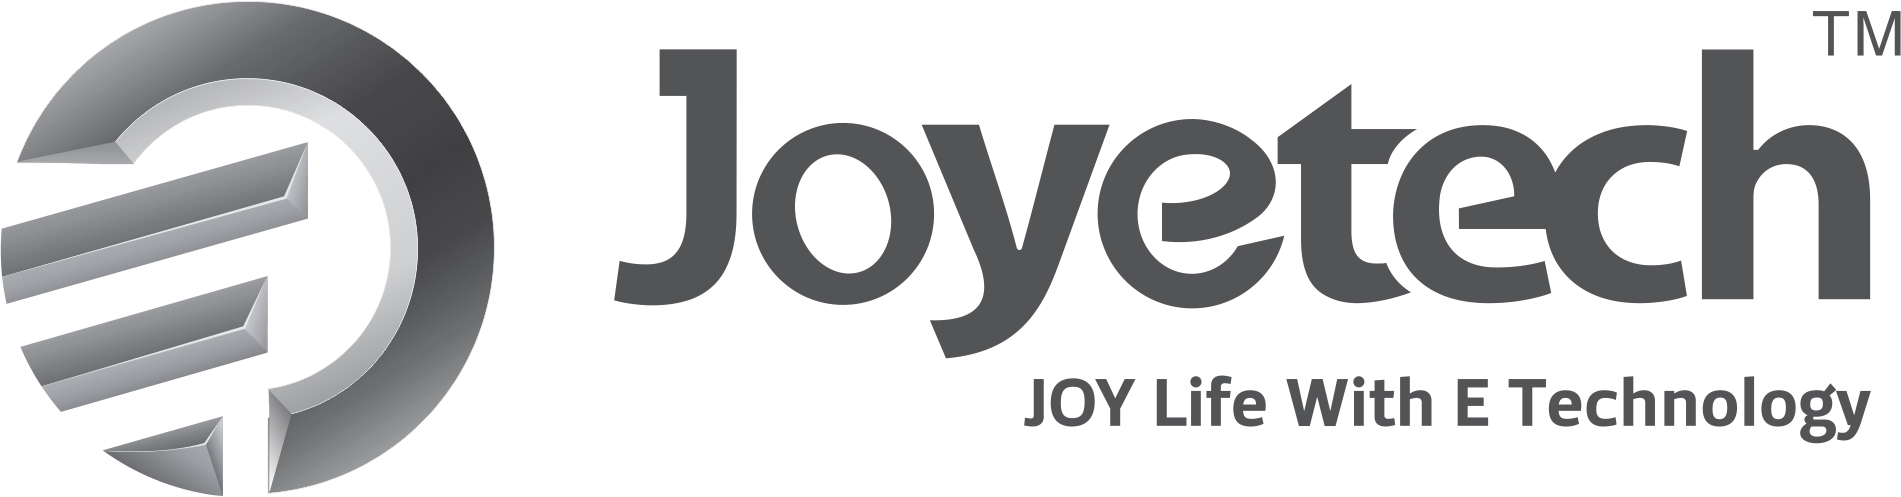 """Résultat de recherche d'images pour """"JOYETECH LOGO"""""""